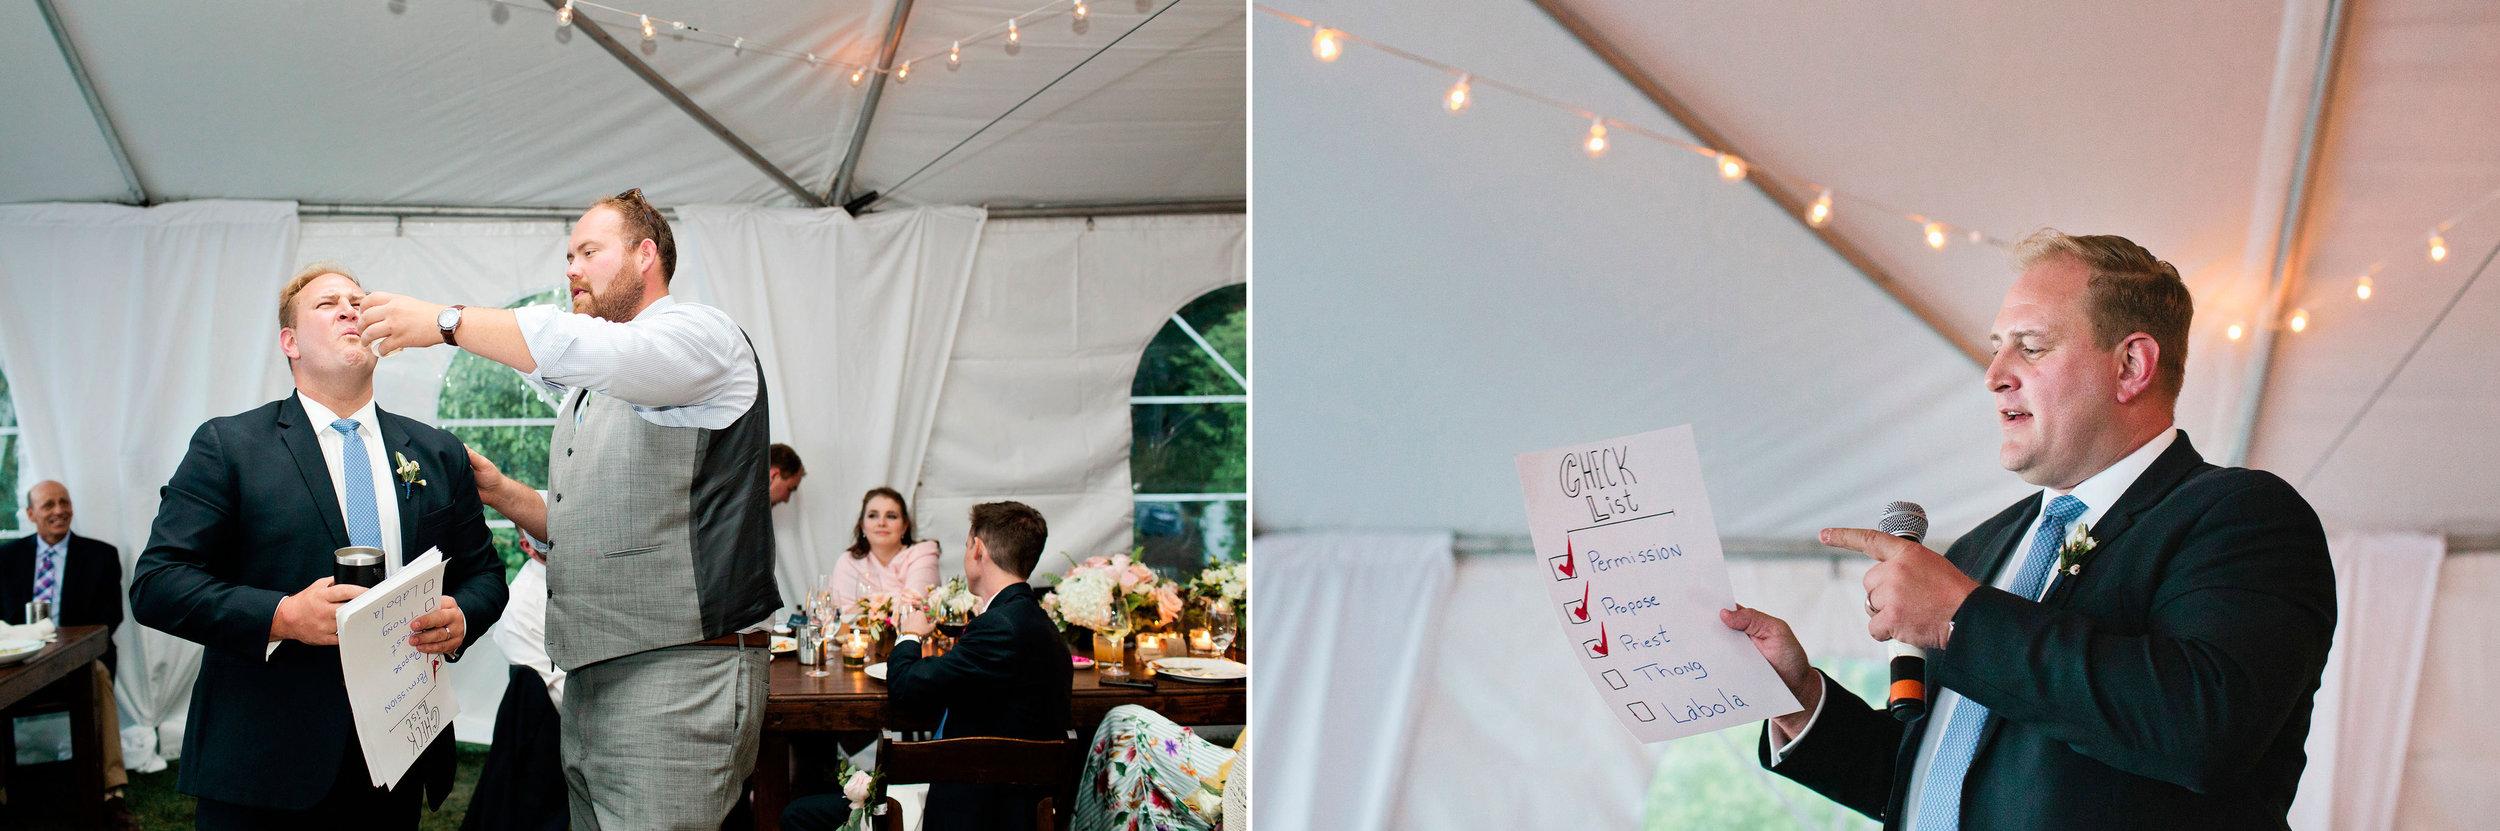 Tahoe-Summer-Wedding-086 copy.jpg